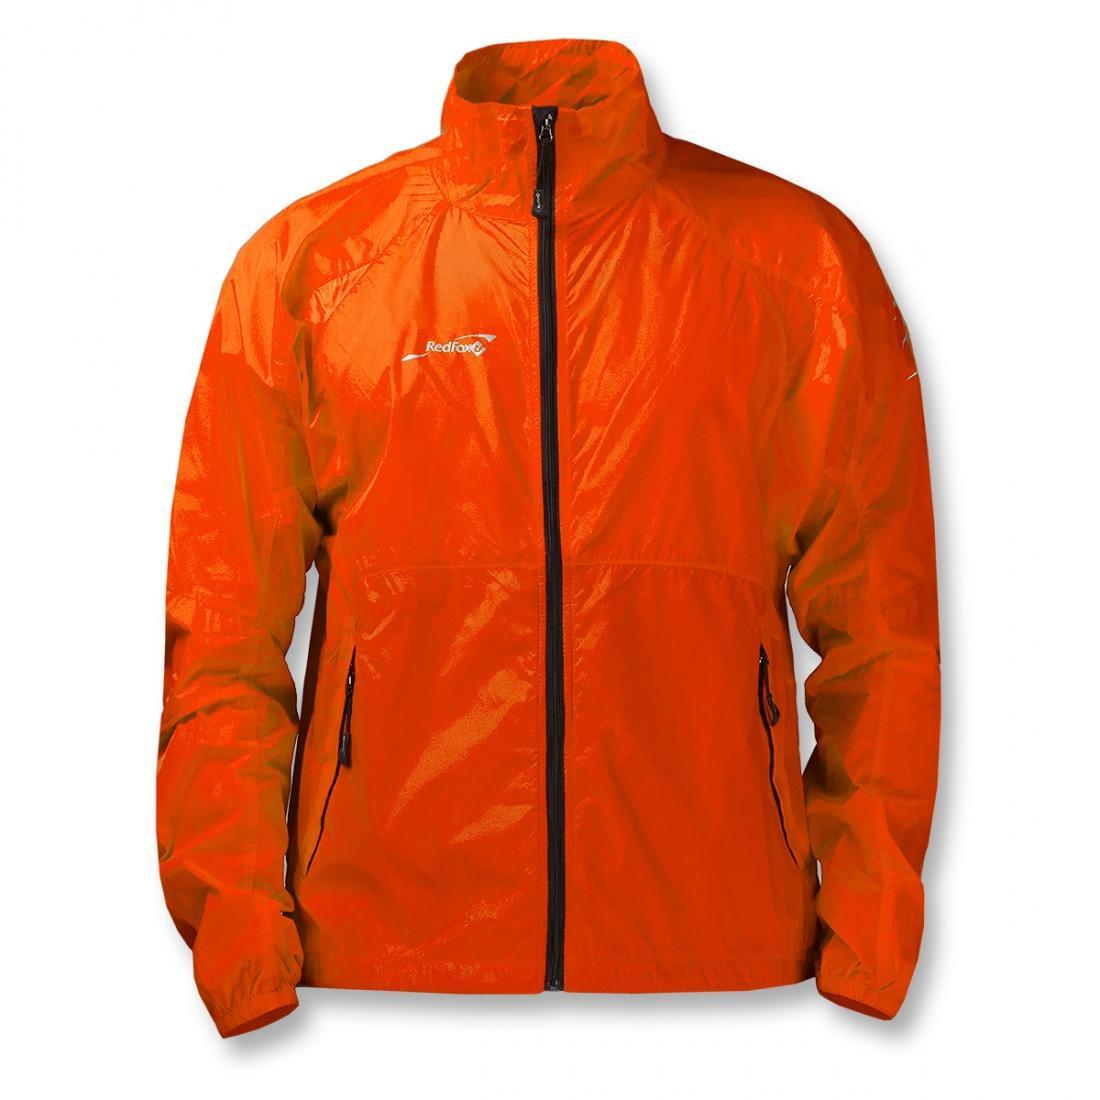 Куртка ветрозащитная Trek Light IIКуртки<br><br> Очень легкая куртка для мультиспортсменов. Отлично сочетает в себе функции защиты от ветра и максимальной свободы движений. Куртку мож...<br><br>Цвет: Оранжевый<br>Размер: 46